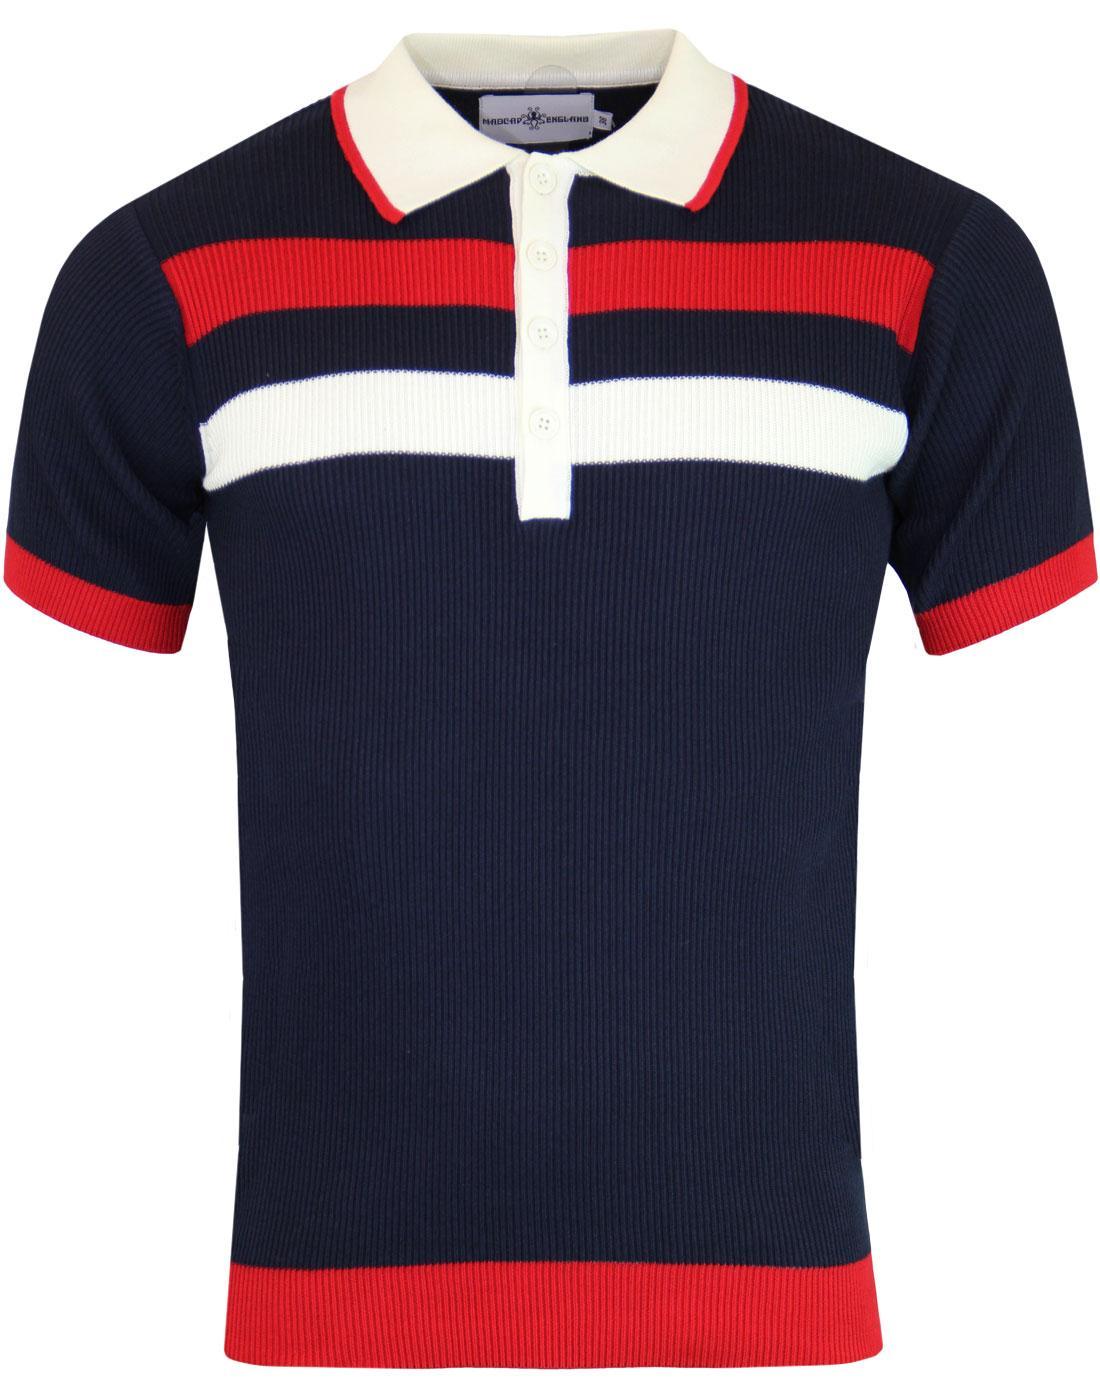 Terry MADCAP ENGLAND Retro Mod Rib Stripe Polo N